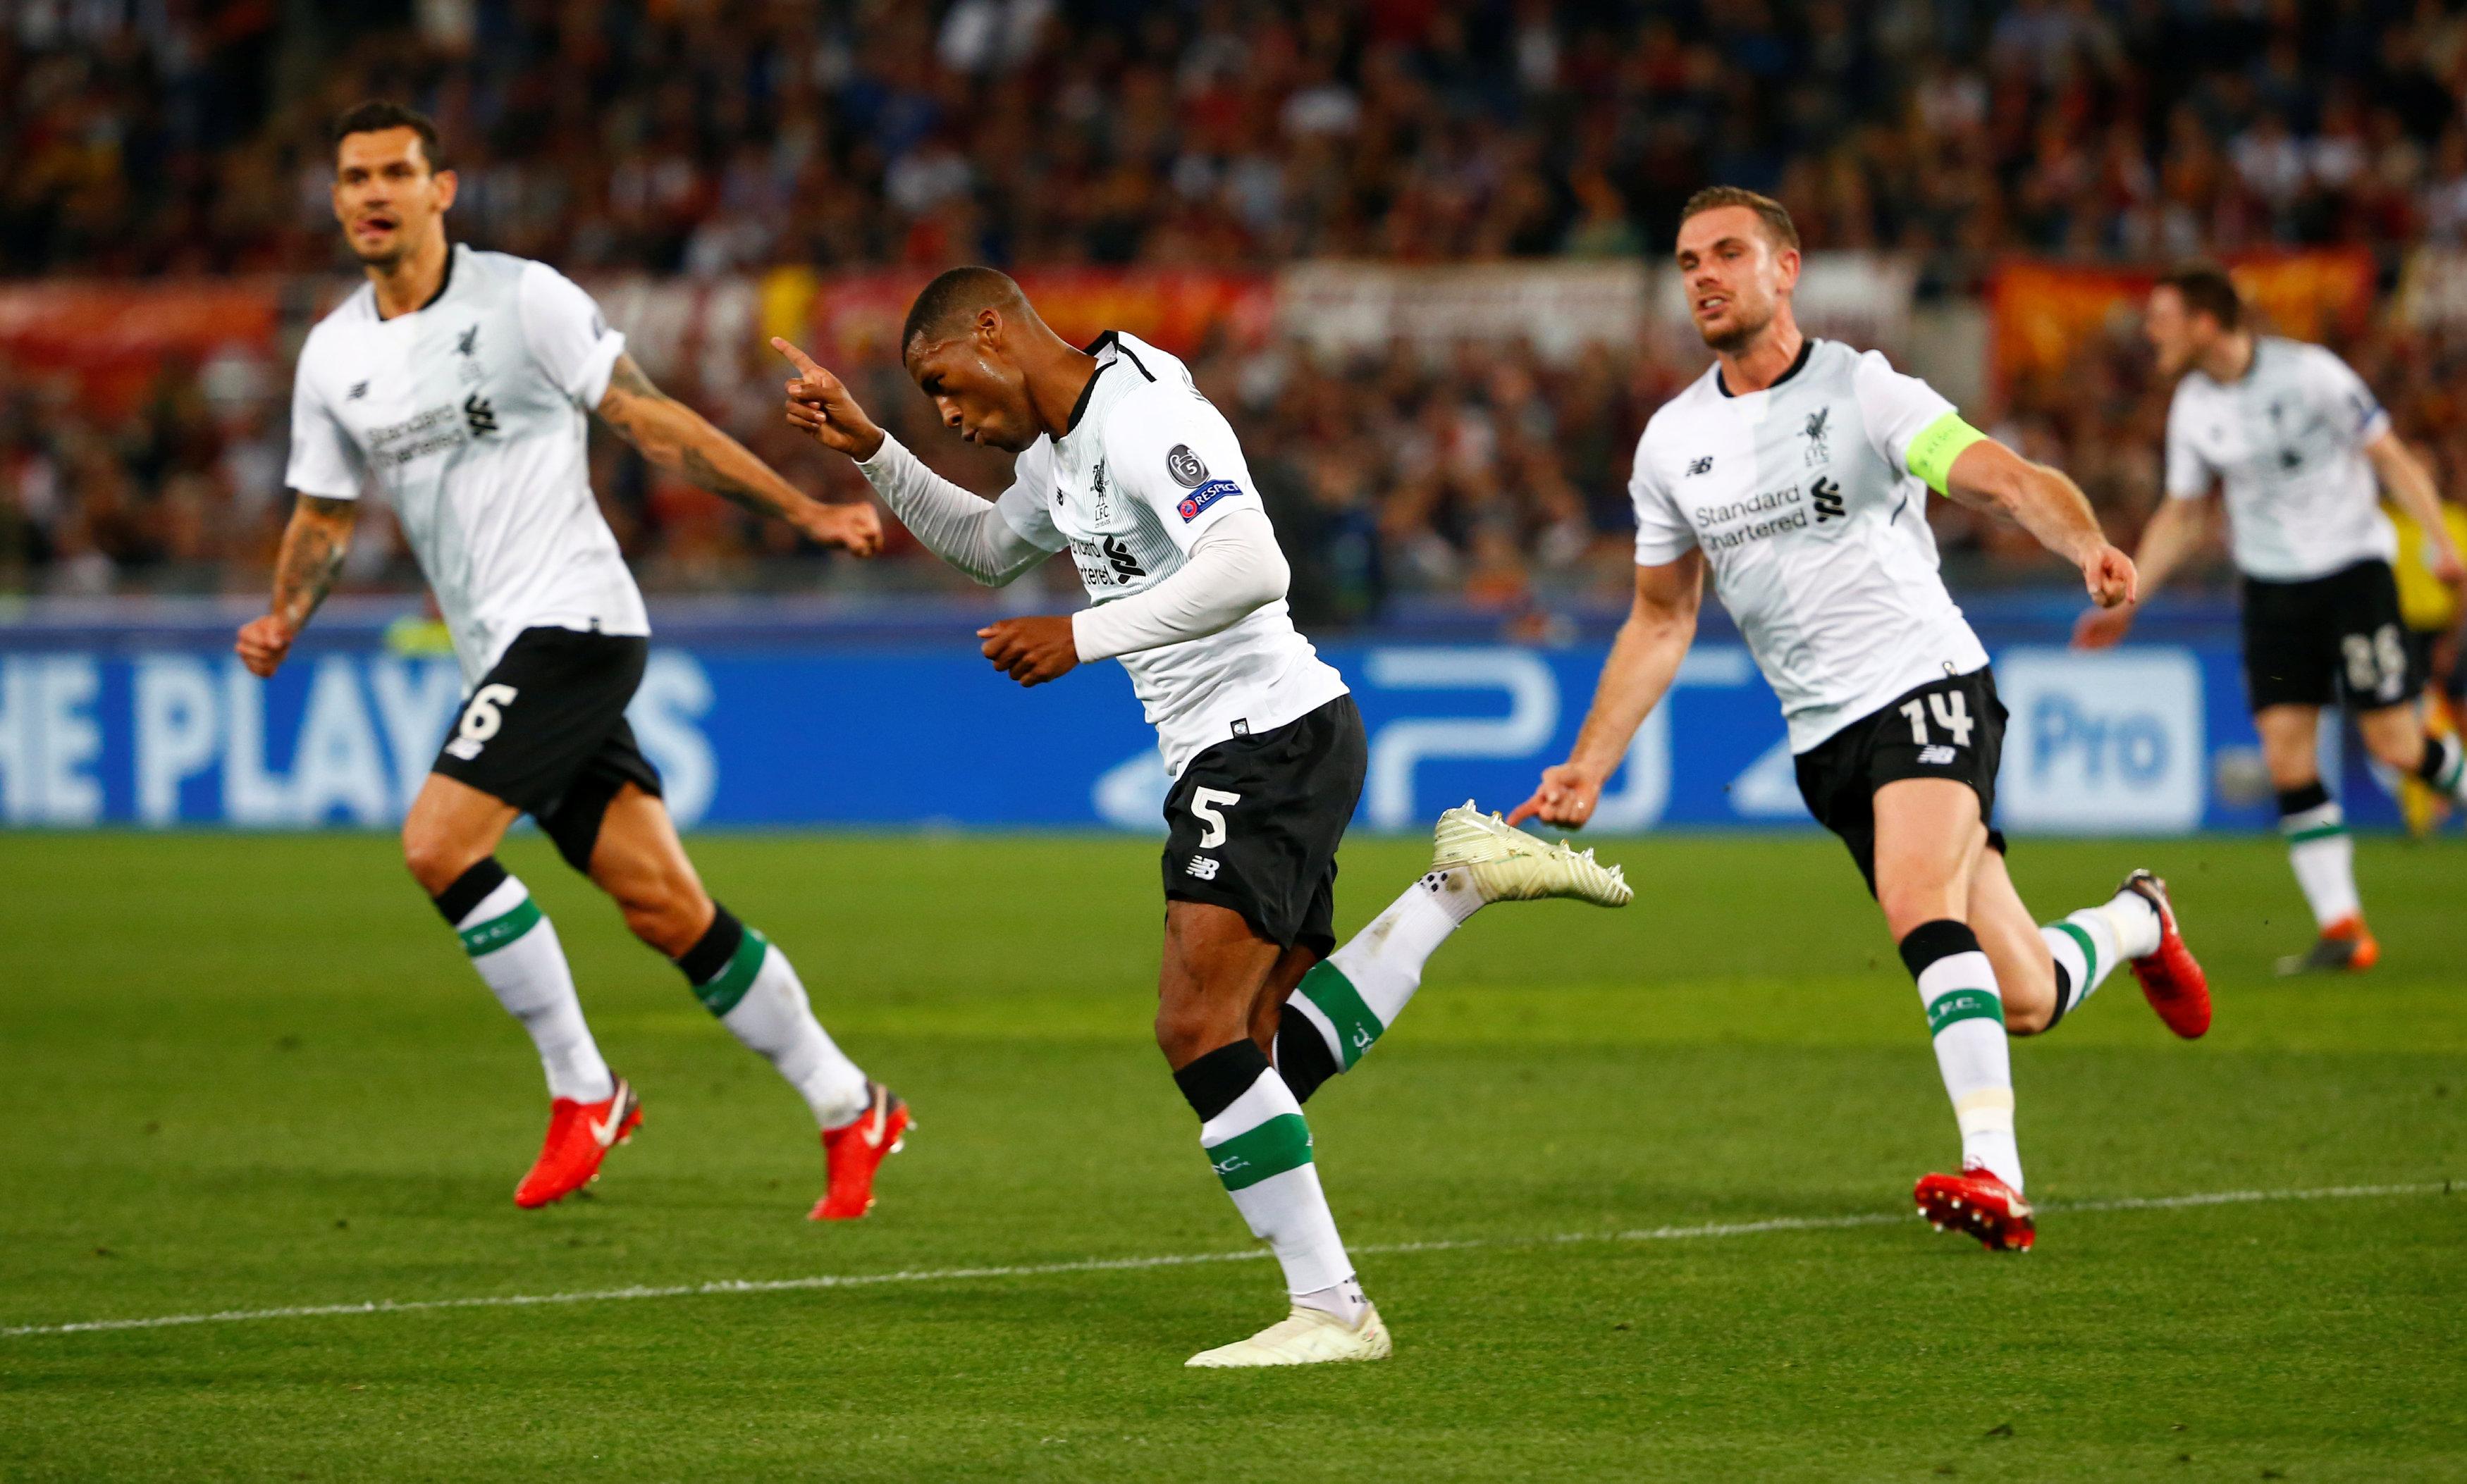 Wijnaldum ăn mừng bàn nâng tỉ số lên 2-1 cho Liverpool. Ảnh: REUTERS